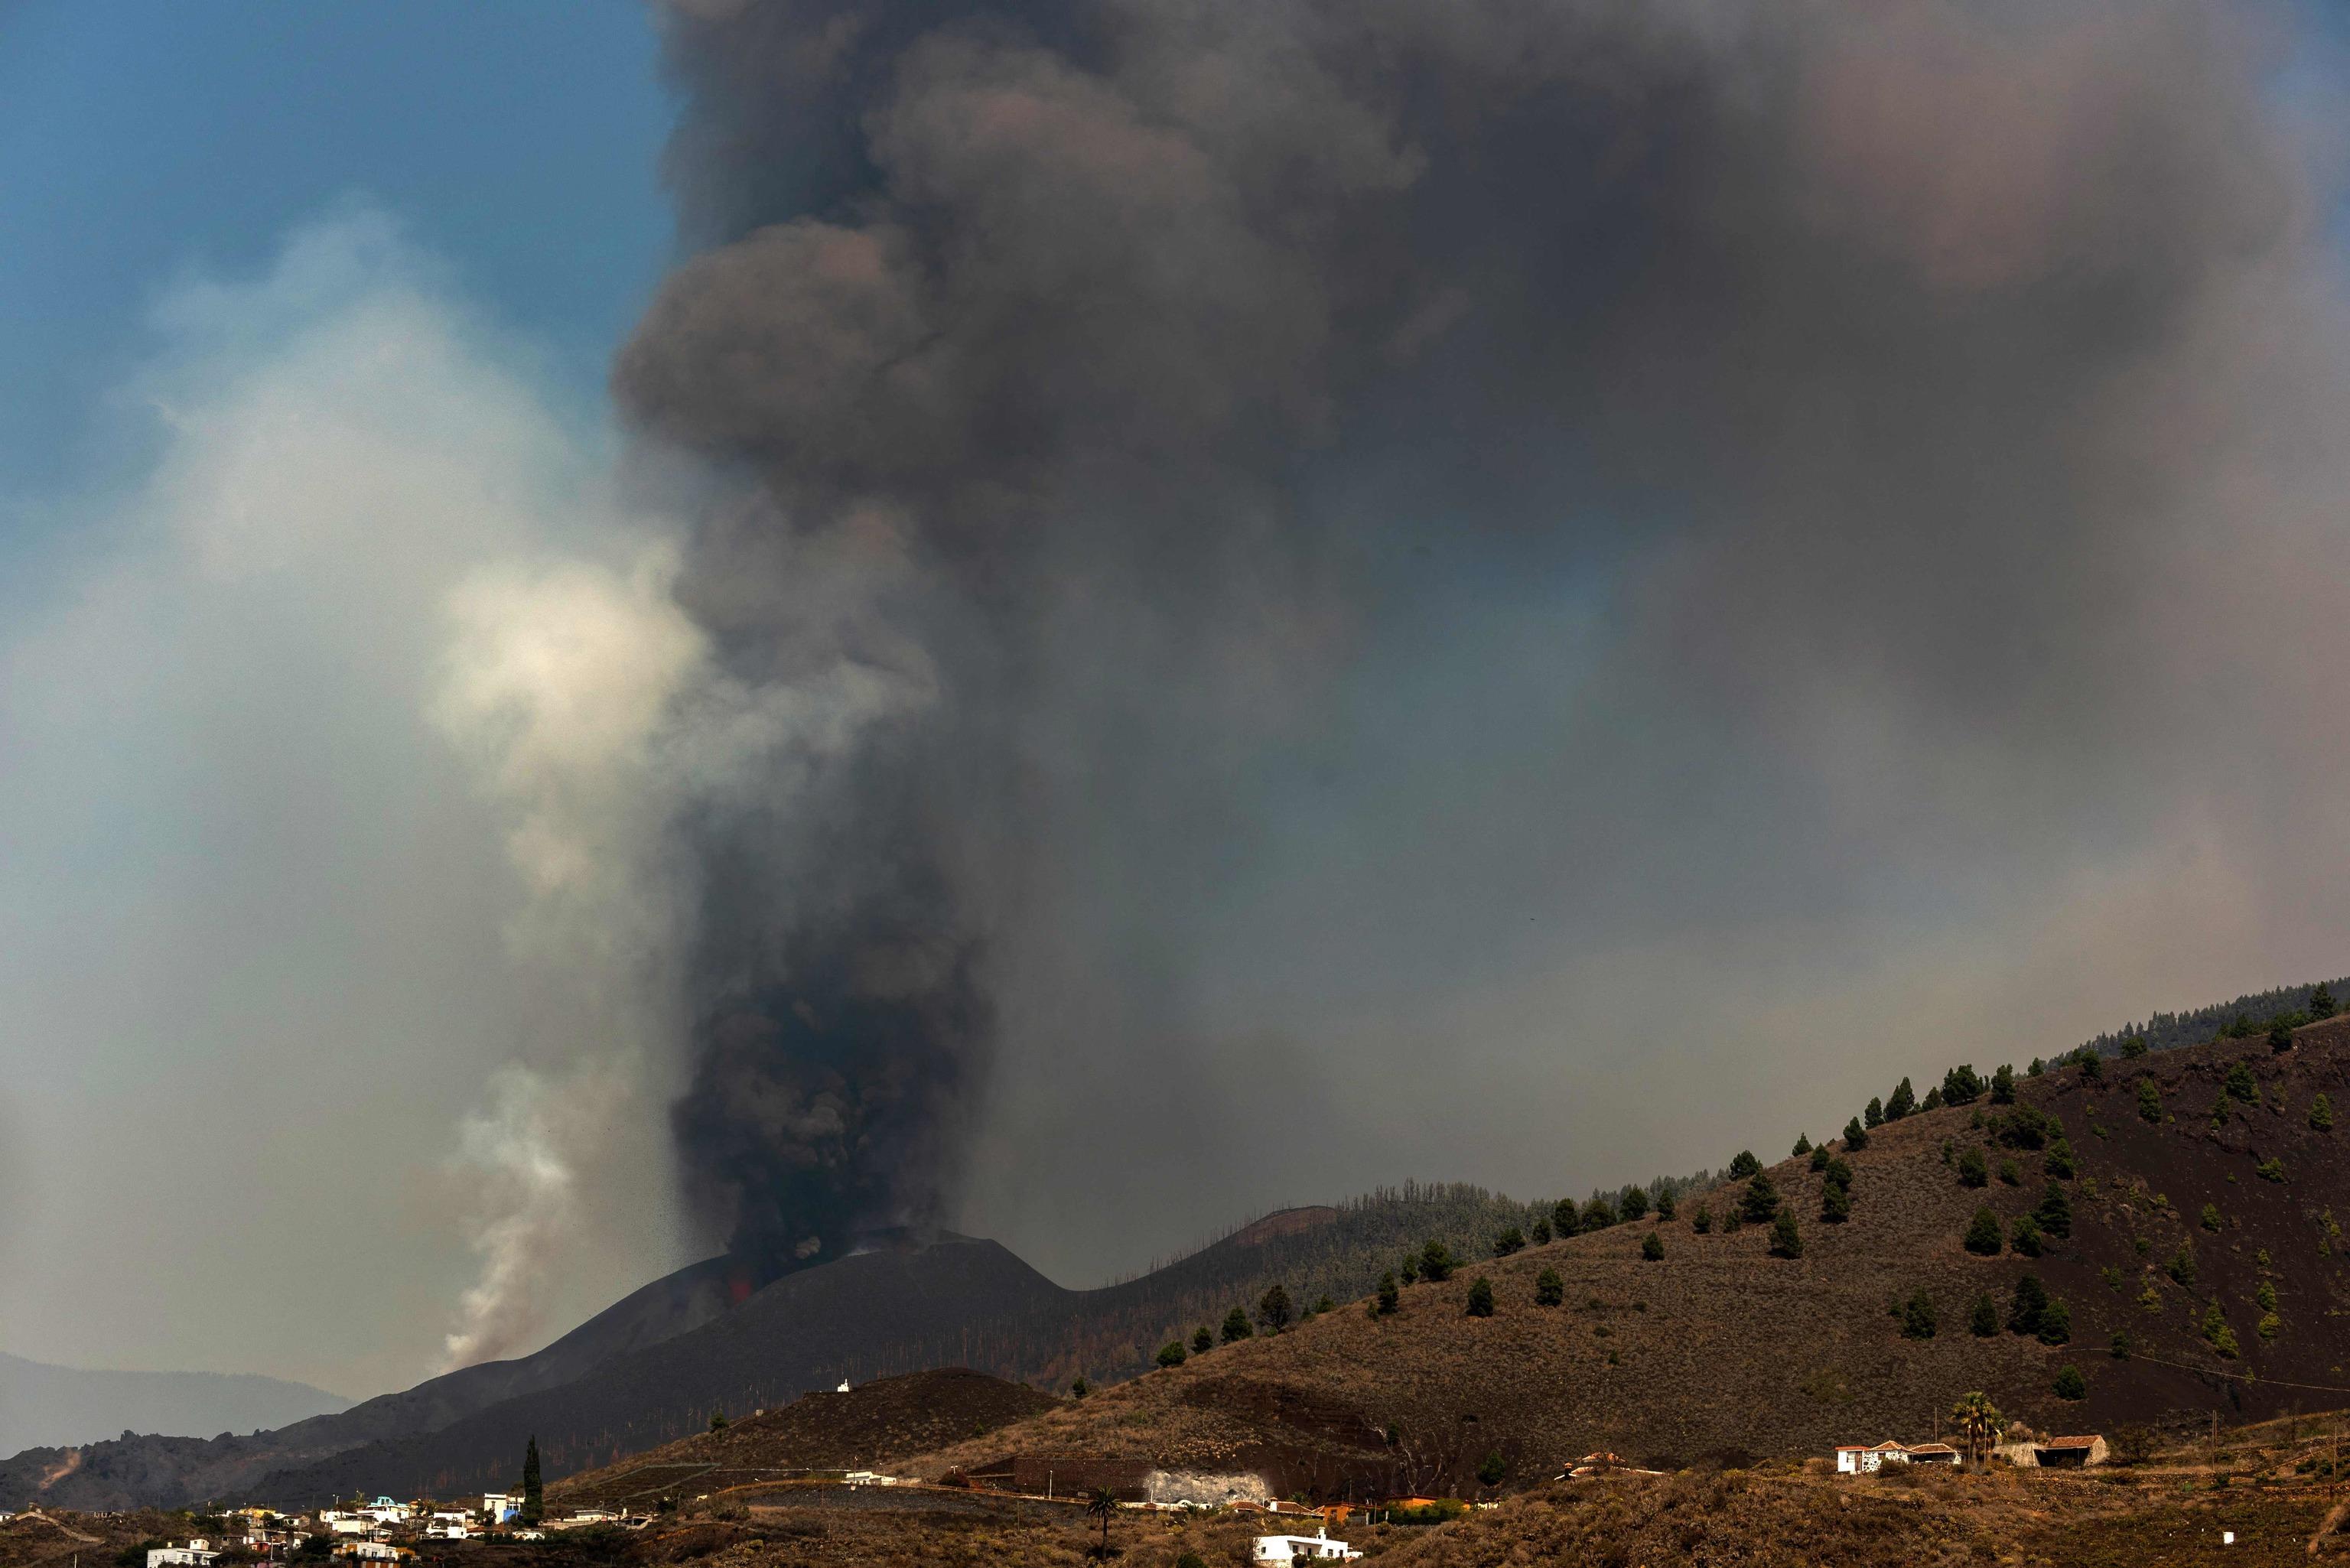 El volcán de Cumbre Vieja, en La Palma (Islas Canarias), en erupción de lava, humo y ceniza en una imagen tomada desde Los Llanos de Aridane